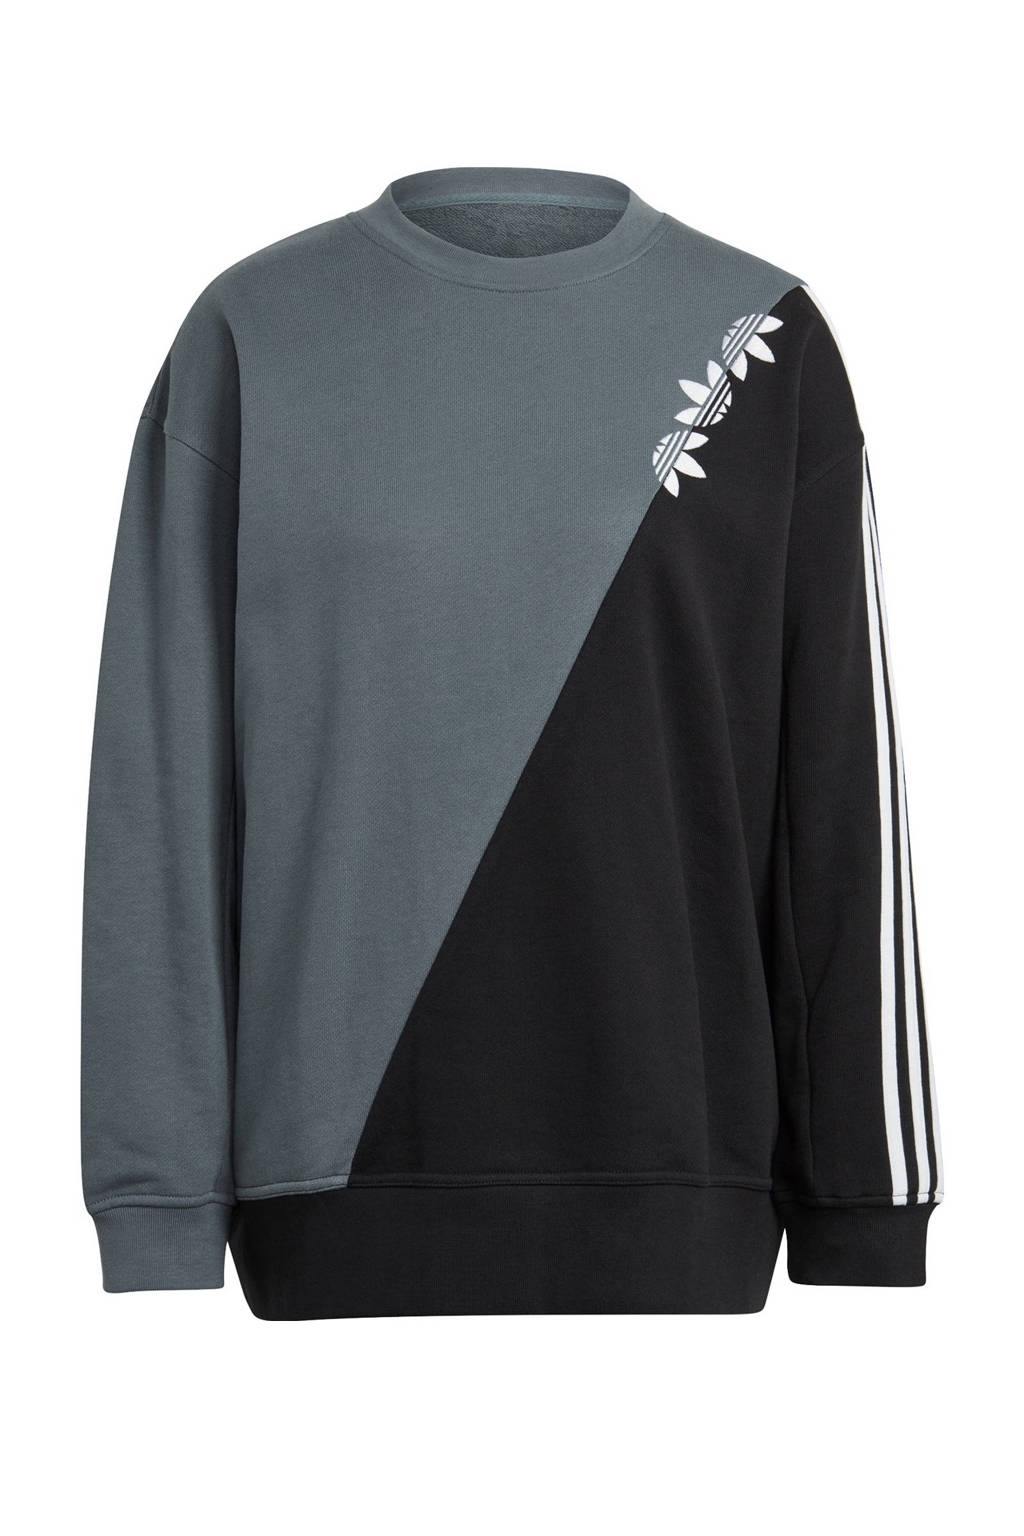 adidas Originals Adicolor sweater grijsblauw/zwart, Grijsblauw/zwart